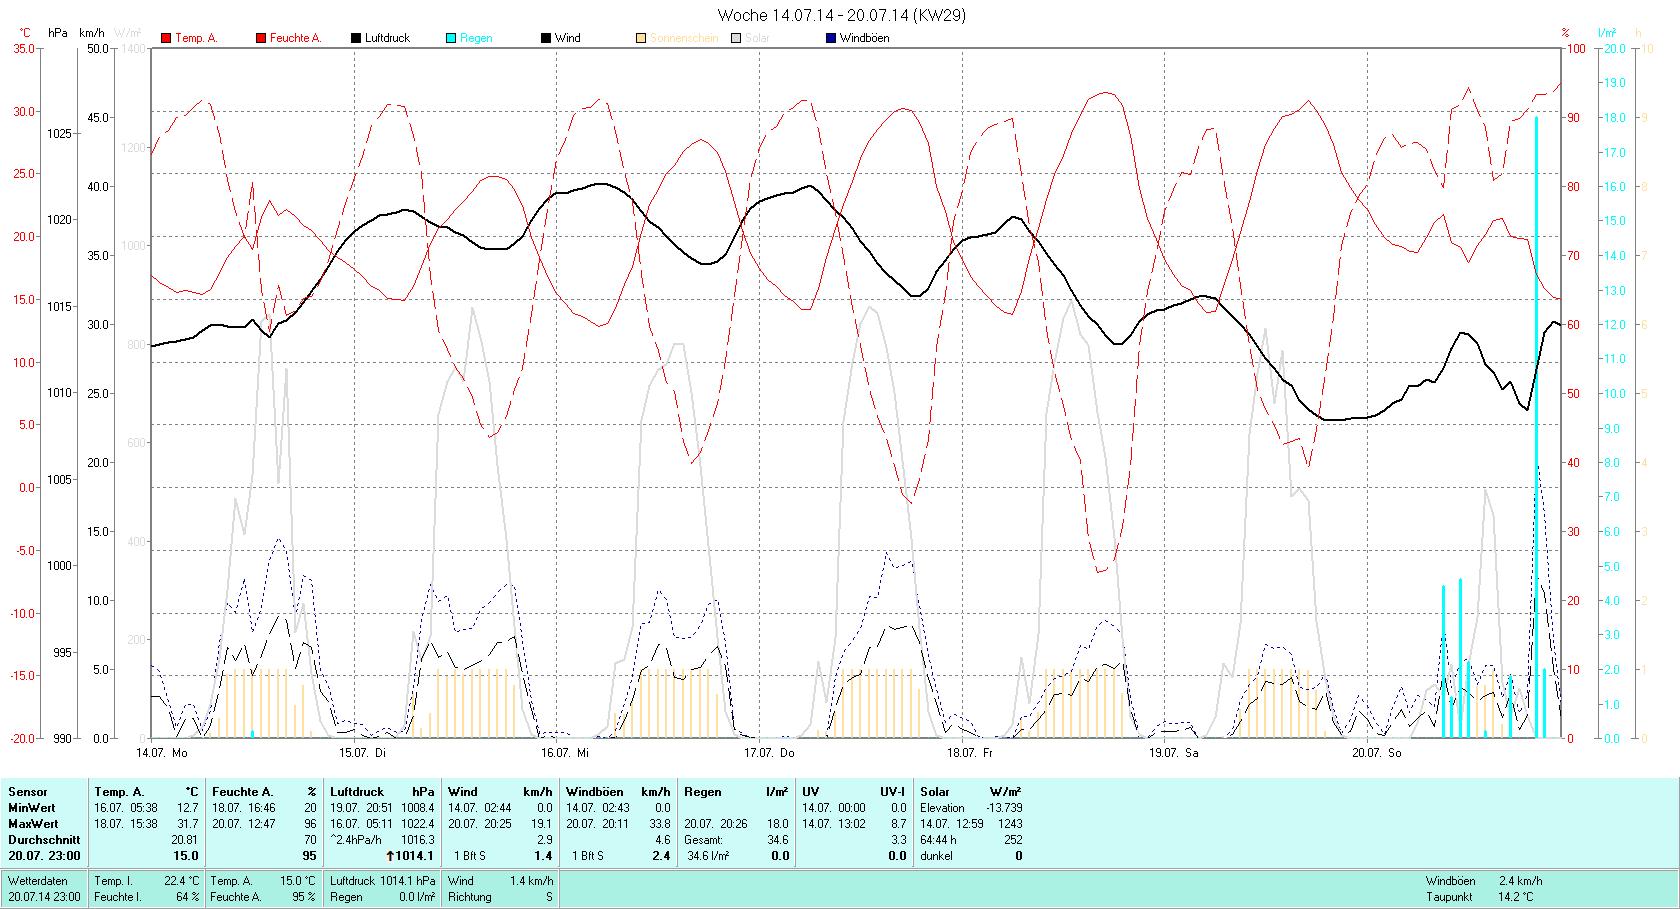 KW 29 Tmin 12.7°C, Tmax 31.7°C, Sonne 64:44h, Niederschlag 34.6mm/2